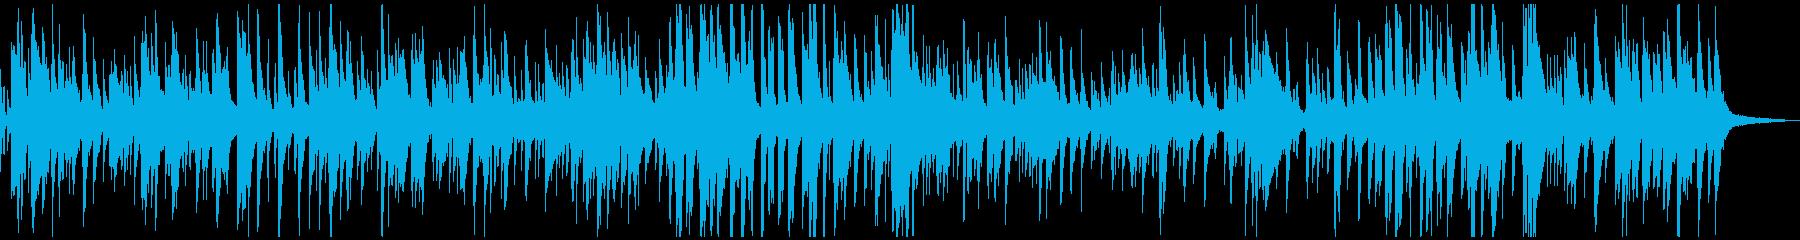 幻想的でスムースなゆったりジャズバラードの再生済みの波形